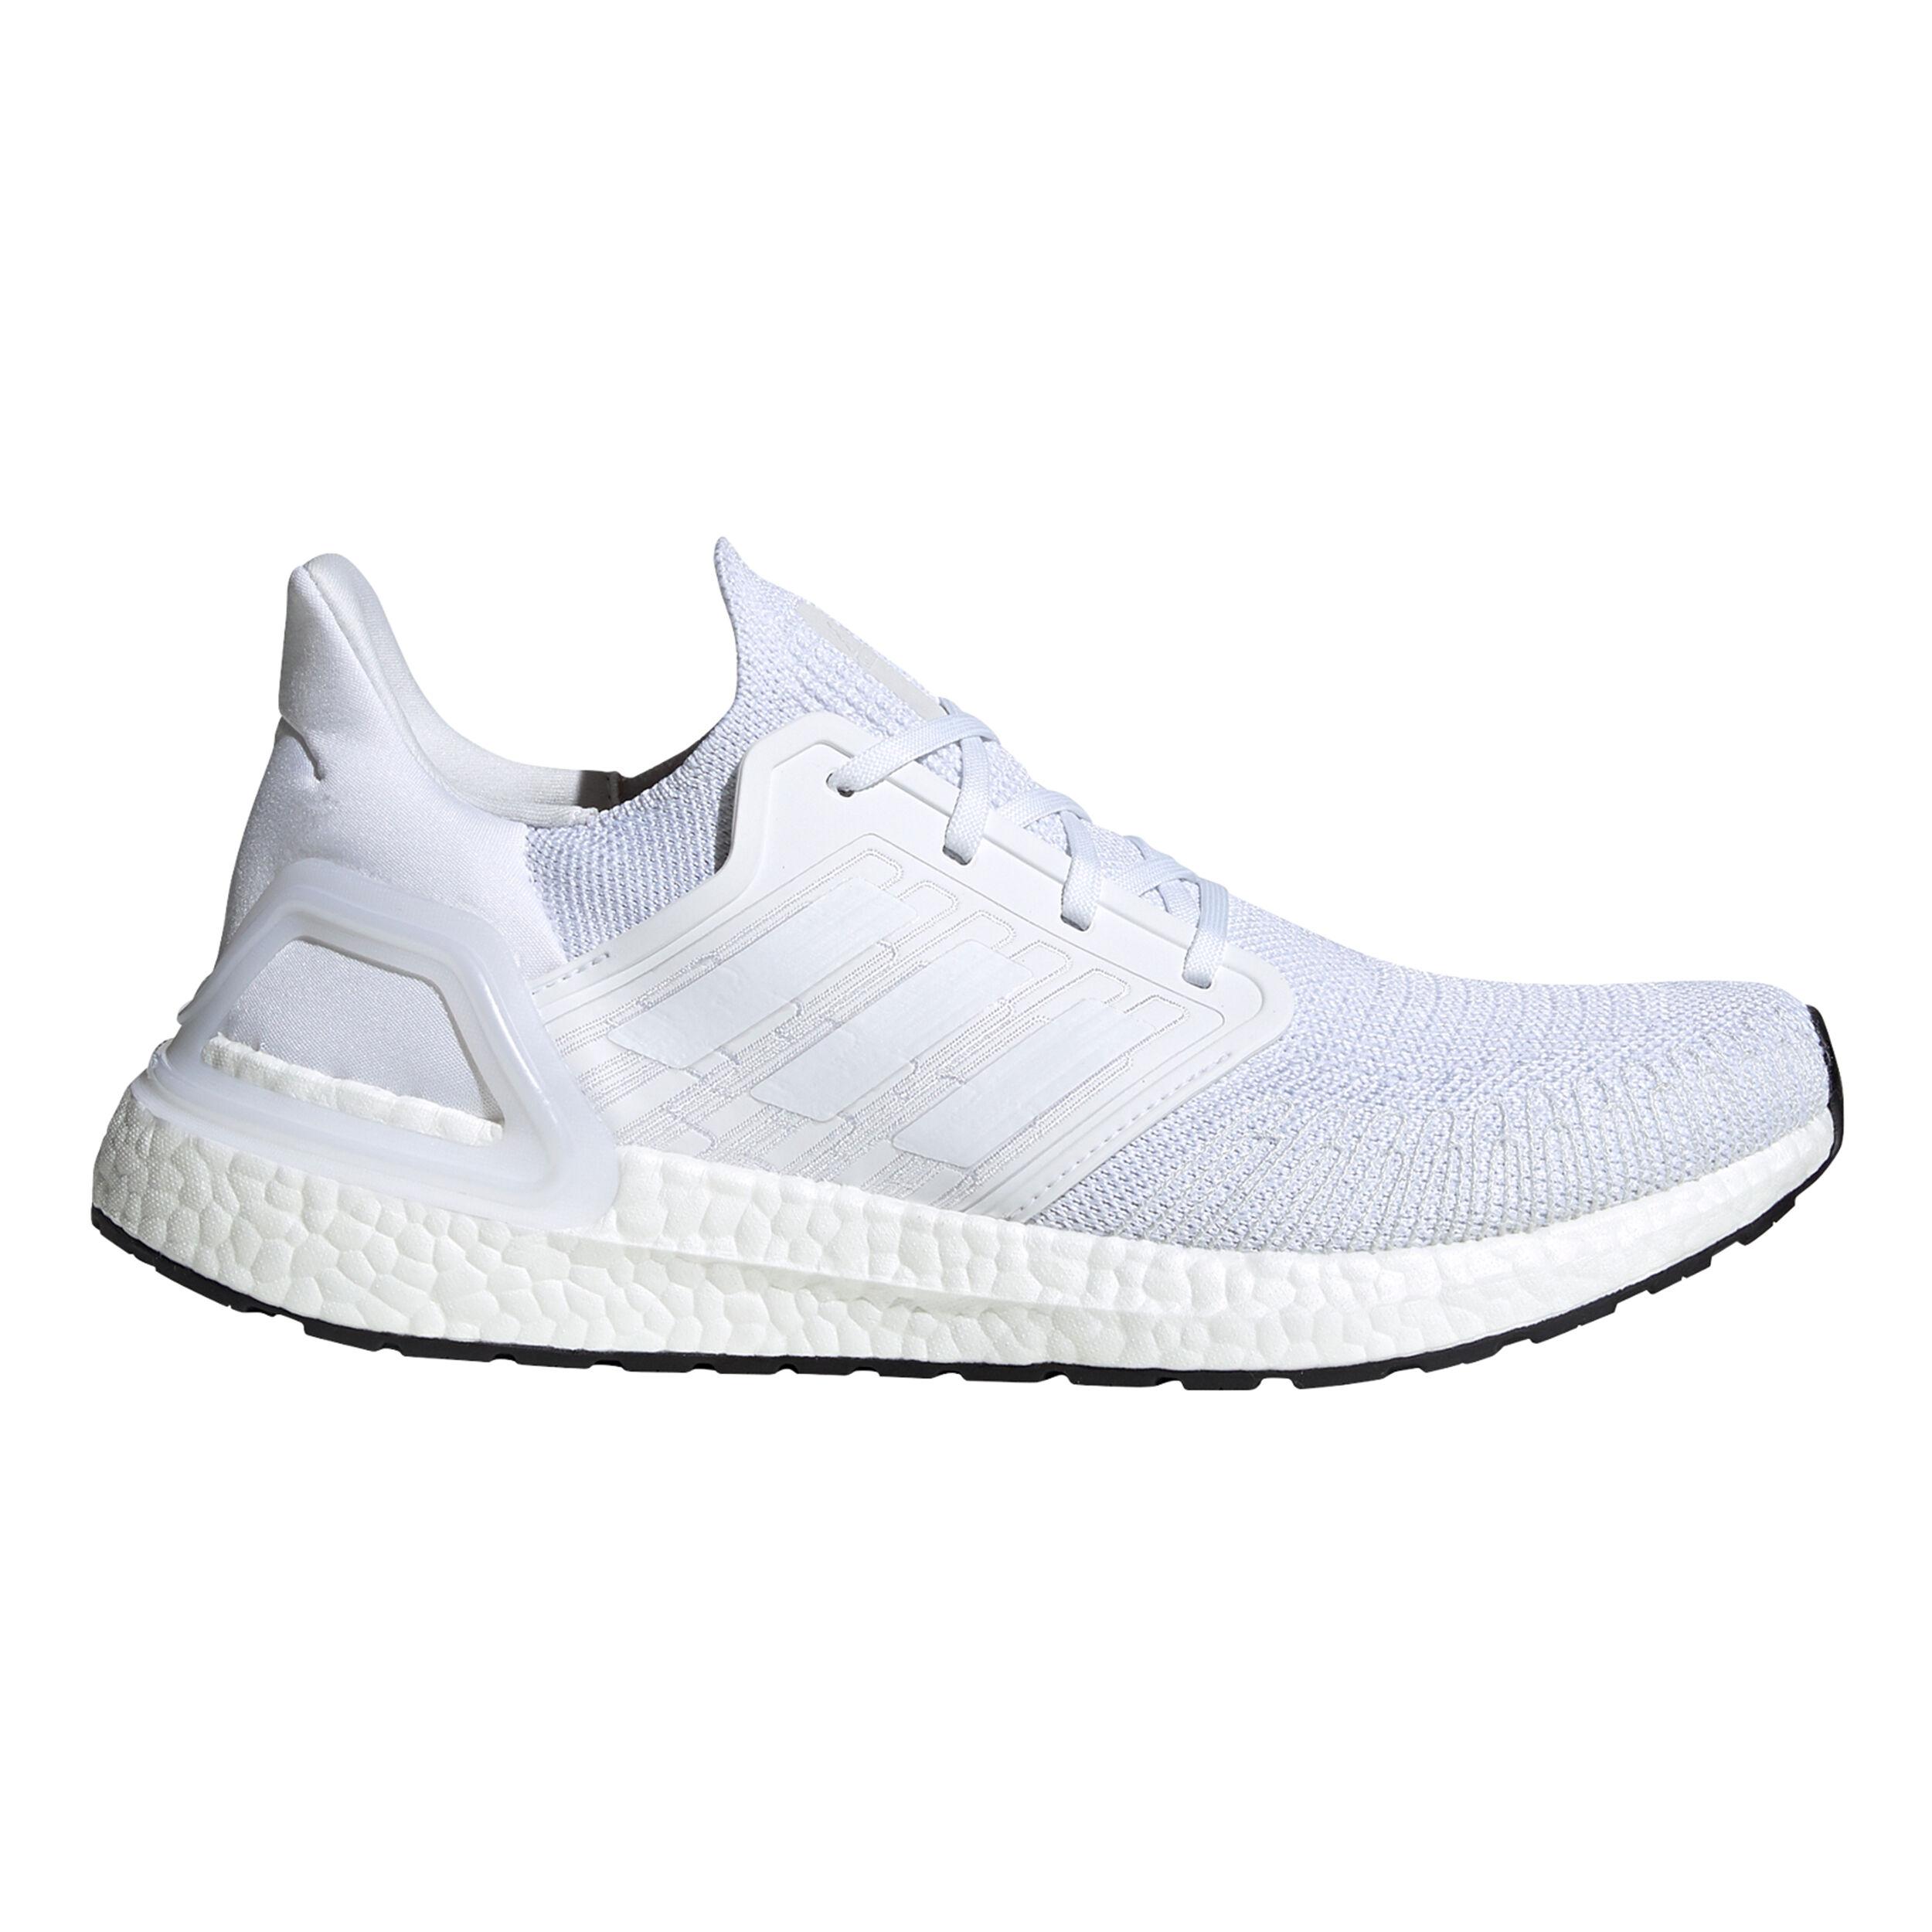 adidas ultra boost herren weiß 45 1 3